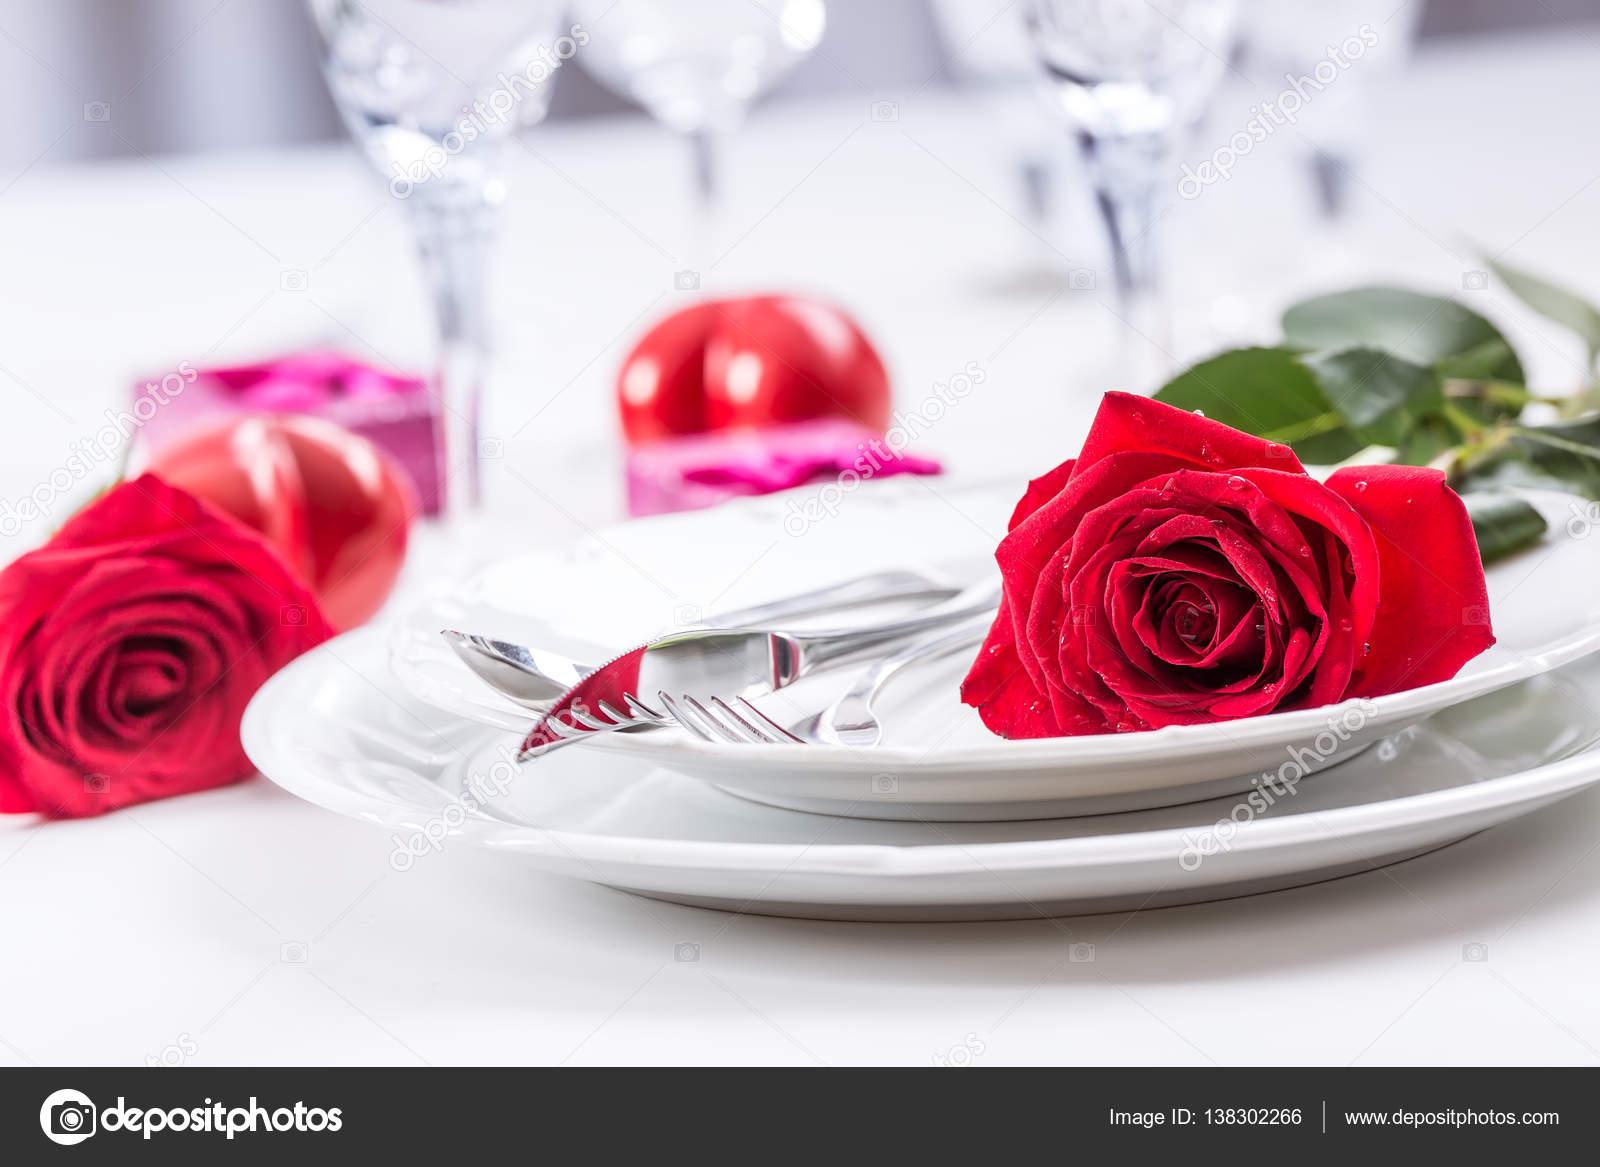 Tischdekoration Zum Valentinstag Oder Hochzeitstag Mit Roten Rosen